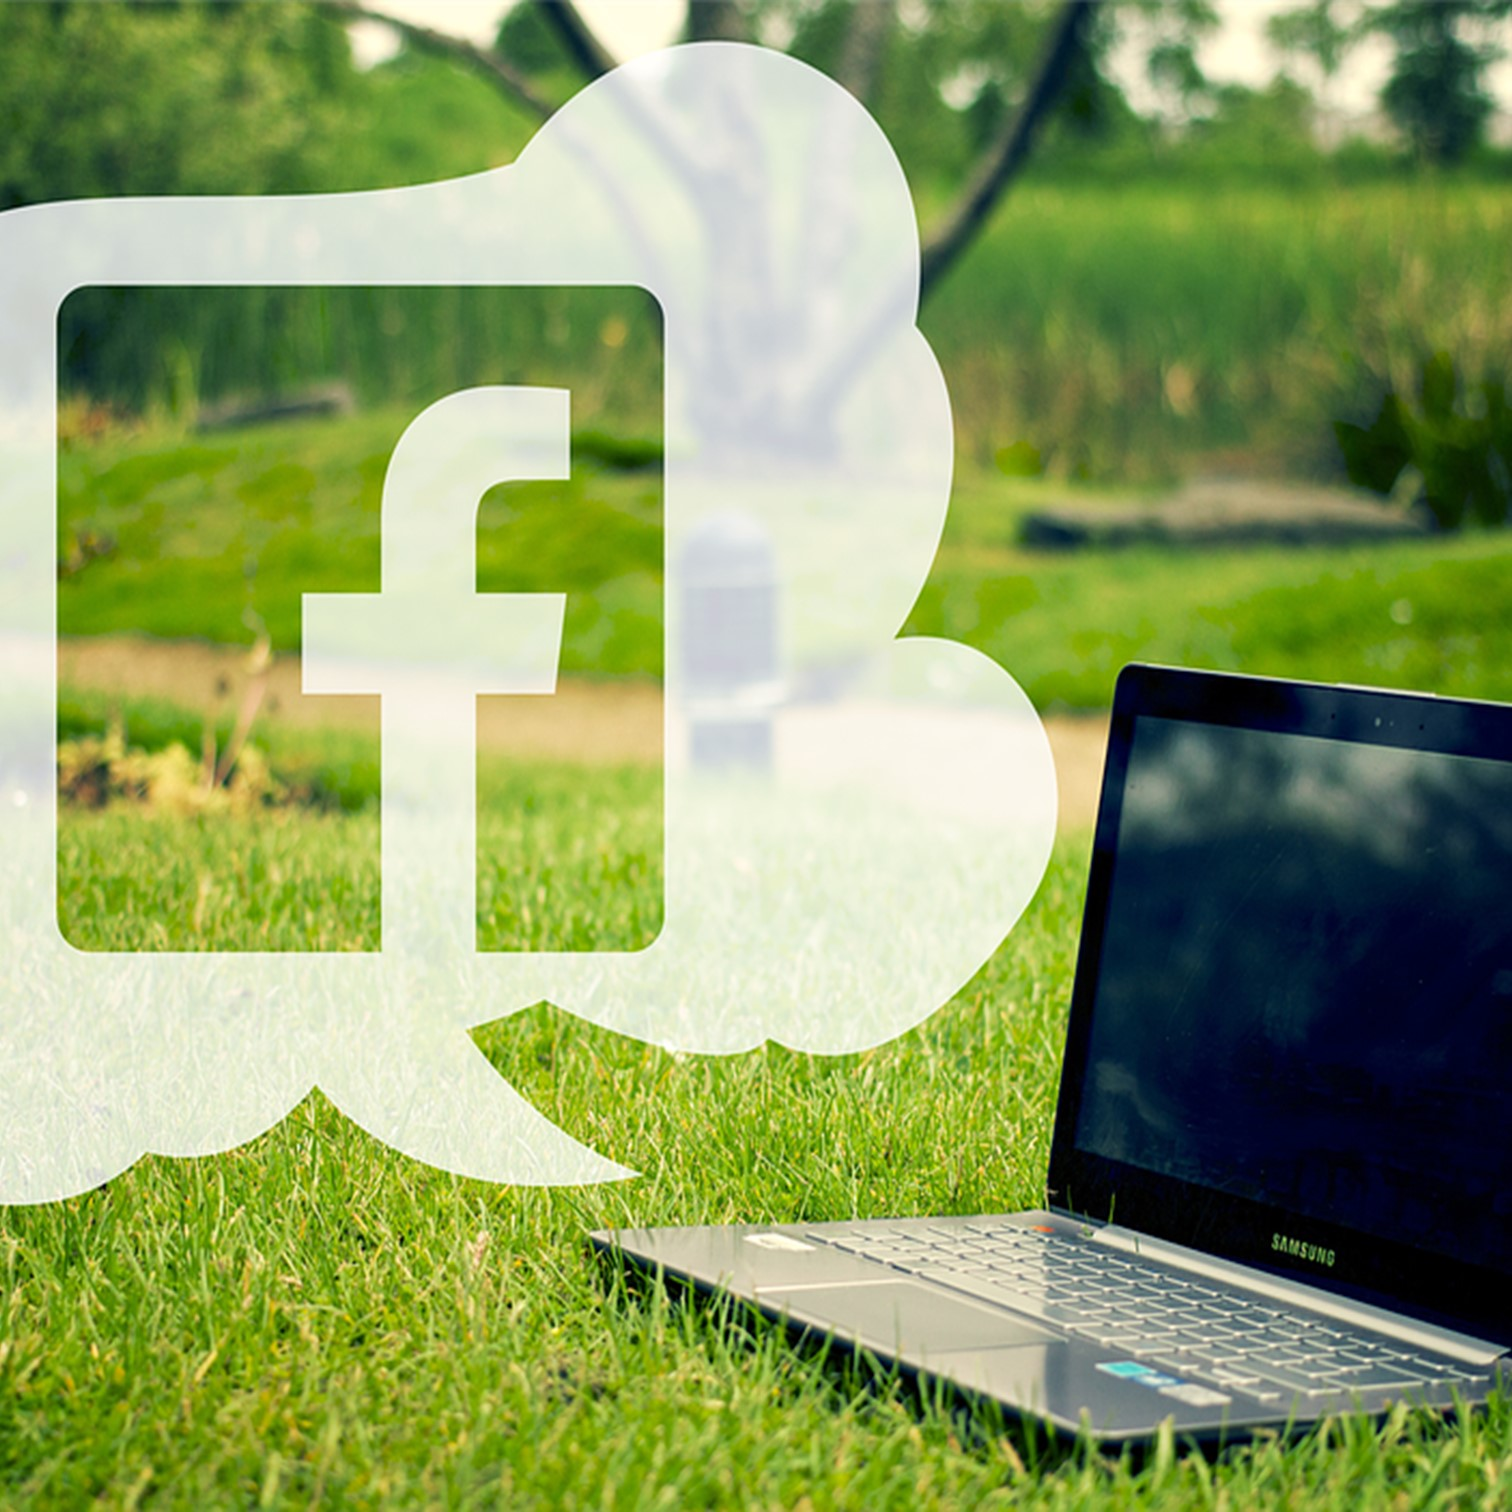 facebook et ordinateur dans l'herbe